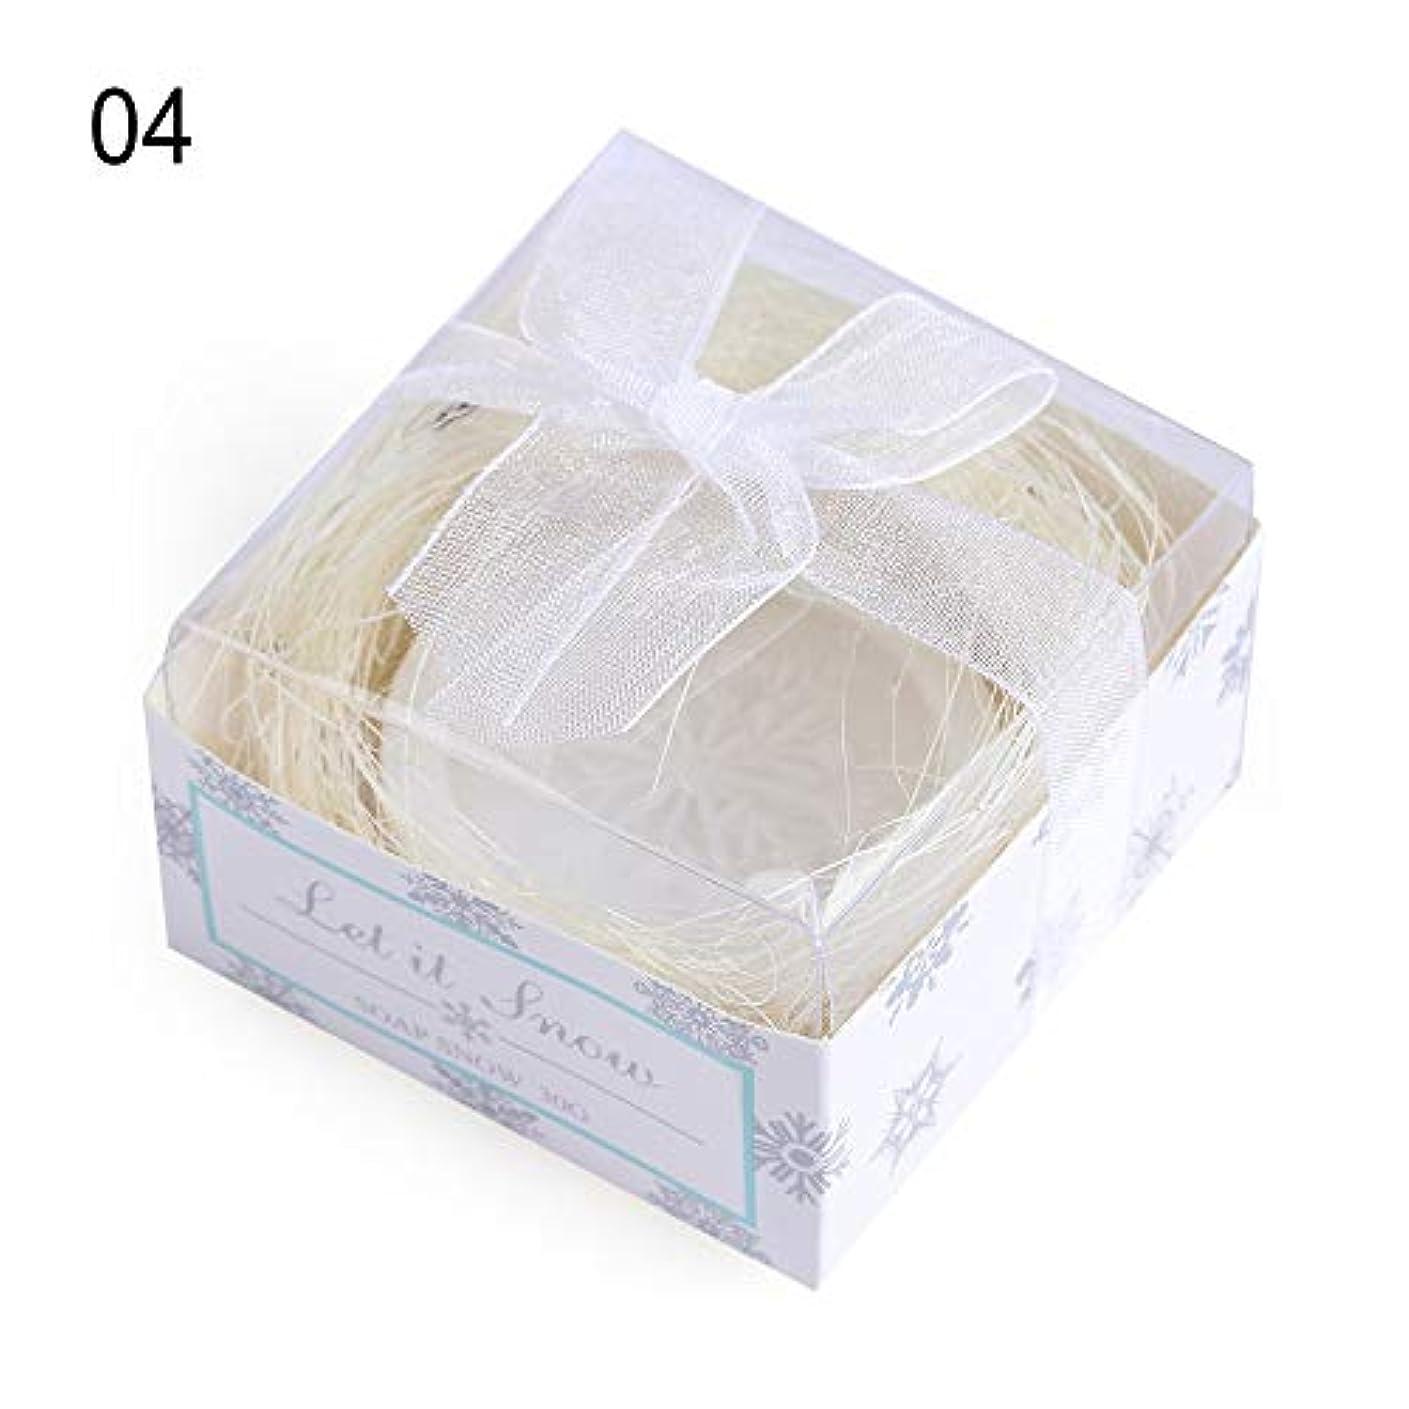 ささやきキリスト教手作り石鹸ミニ様々なファッション形状デザイン浴室石鹸結婚式パーティーハンドギフト